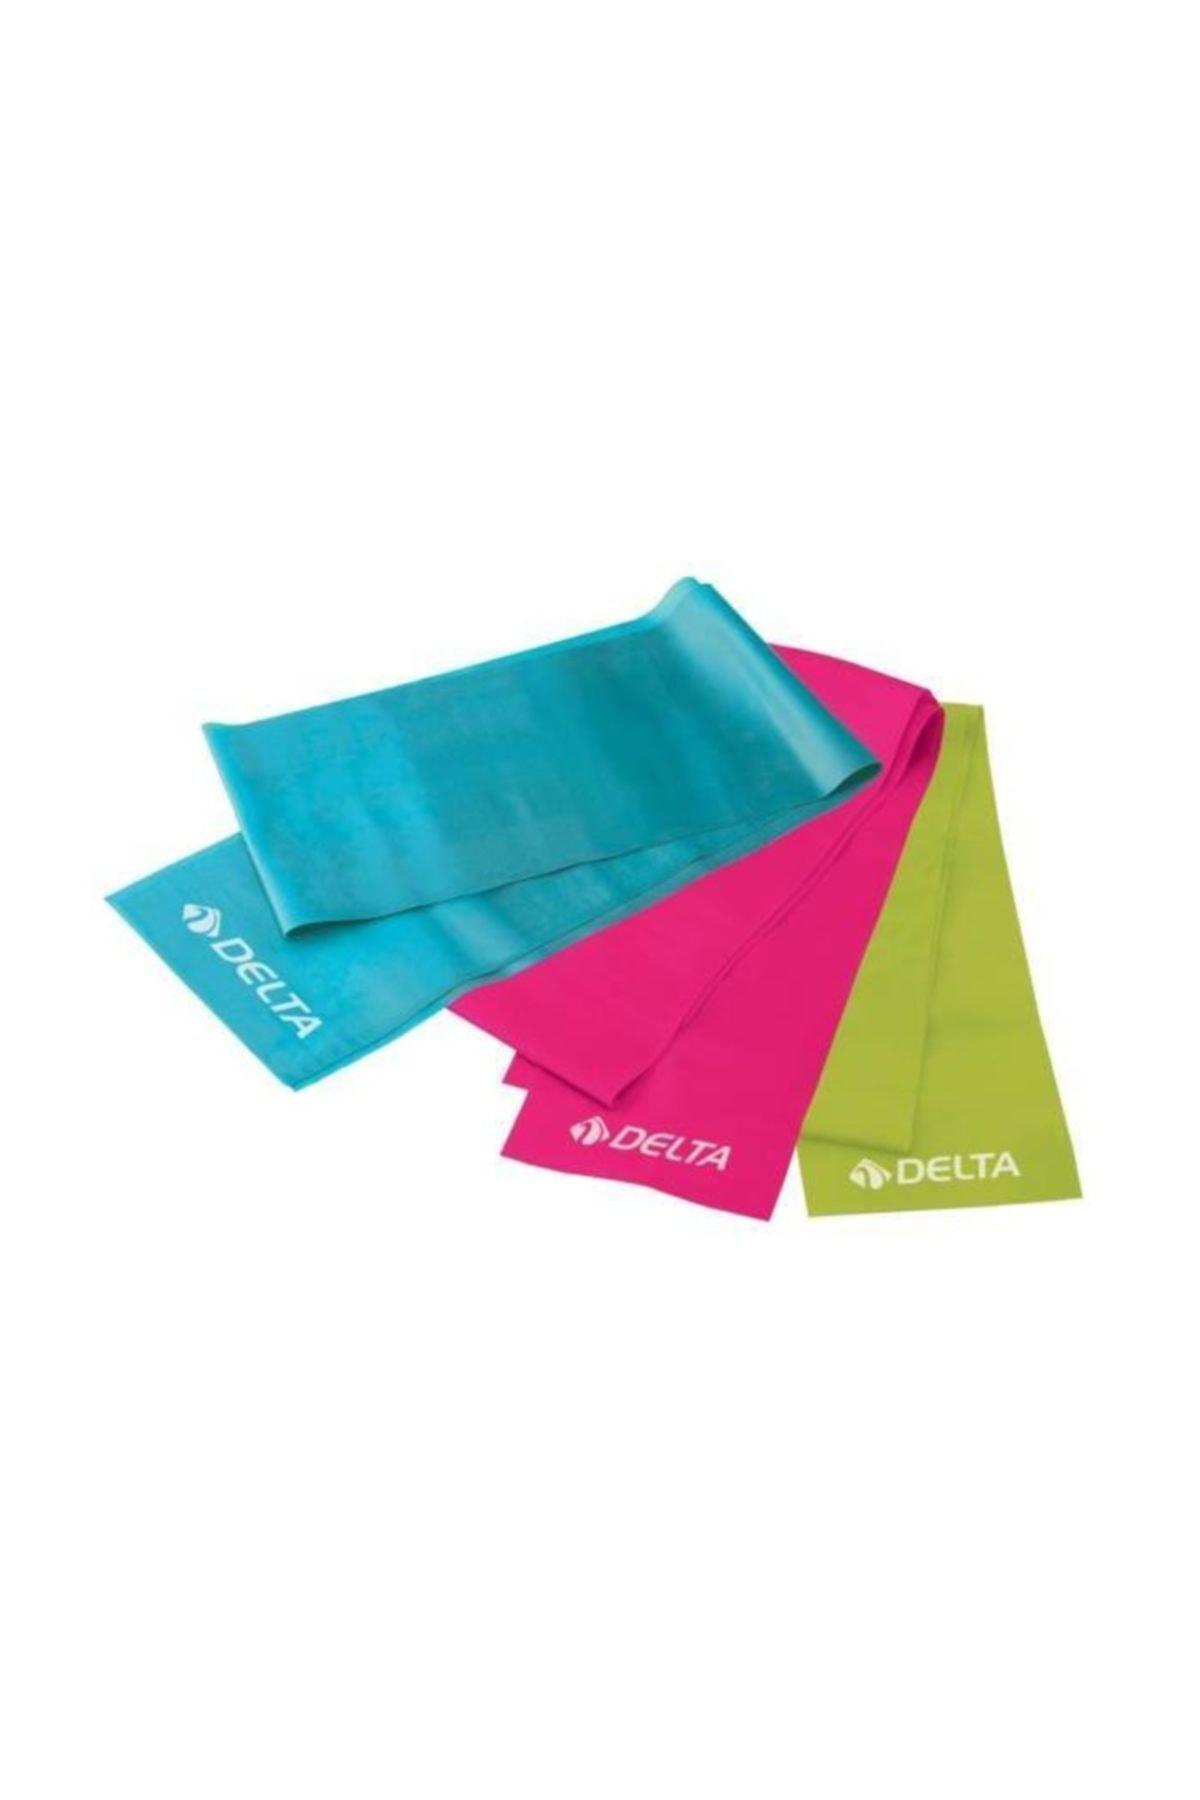 Delta 3 'lü Pilates Bandı Plates Egzersiz Direnç Lastiği Seti 1